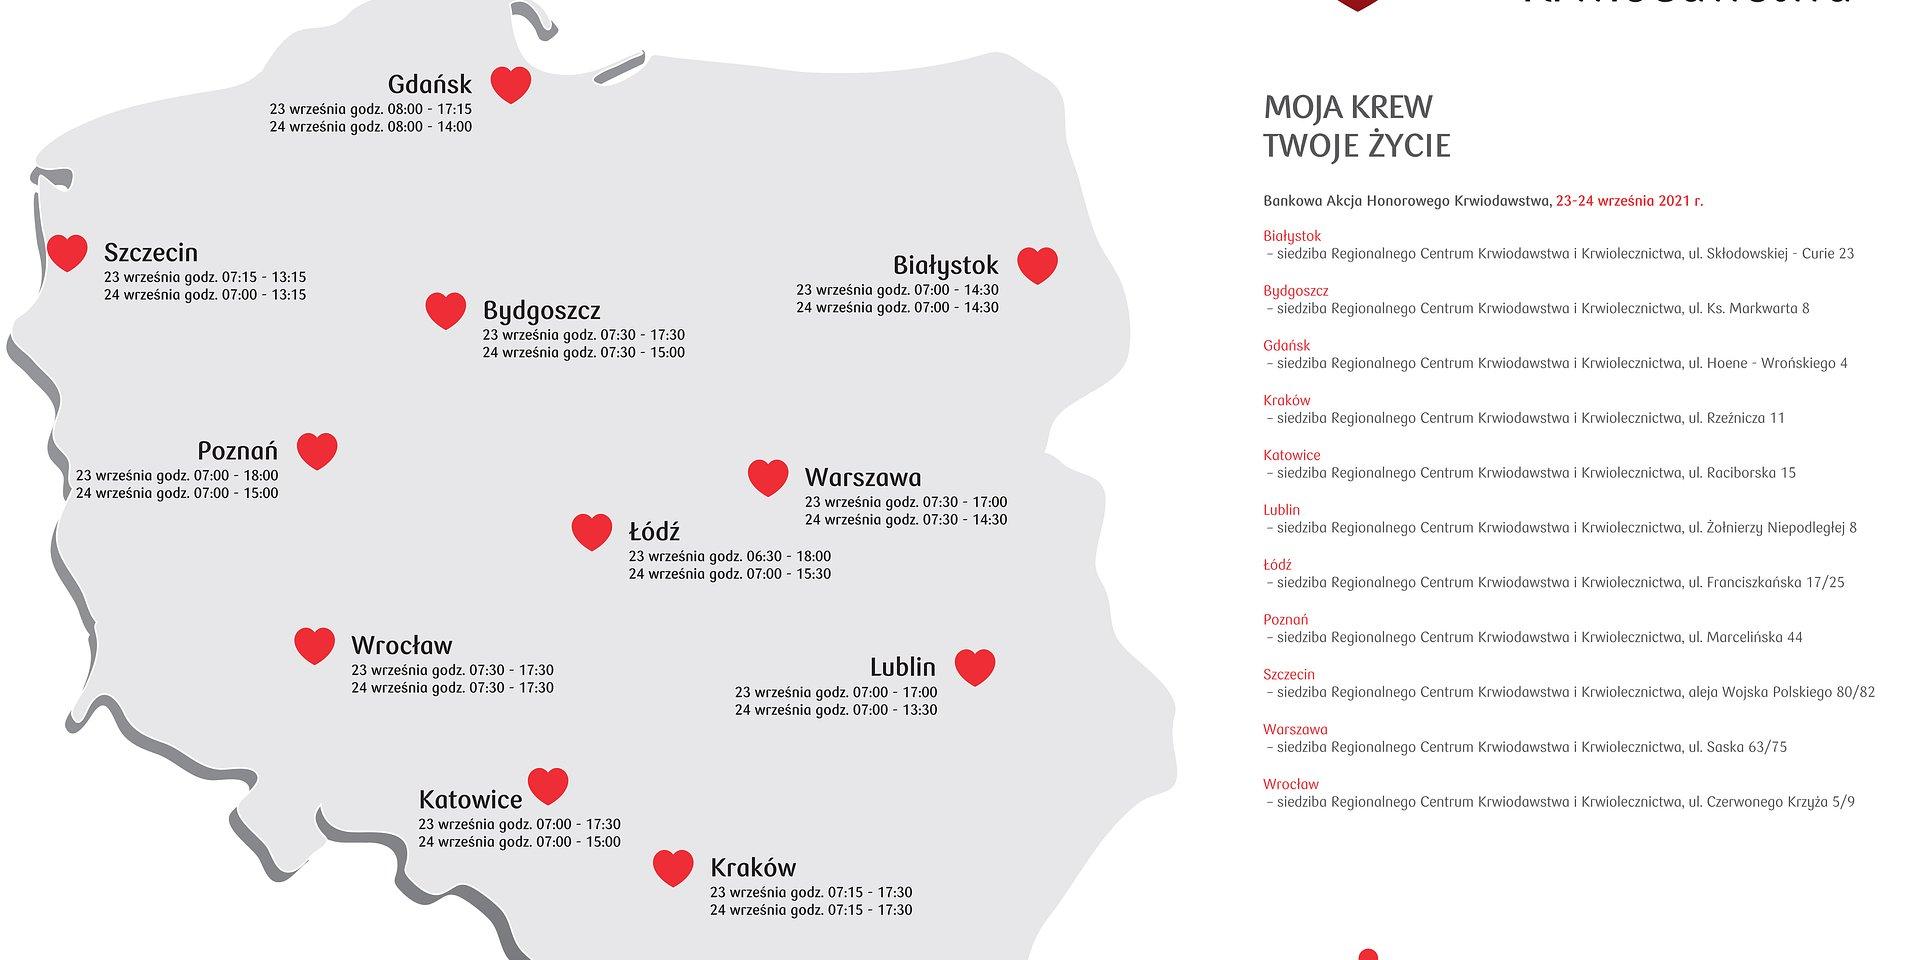 Jesienna Bankowa Akcja Honorowego Krwiodawstwa w Gdańsku – 23 i 24 września.